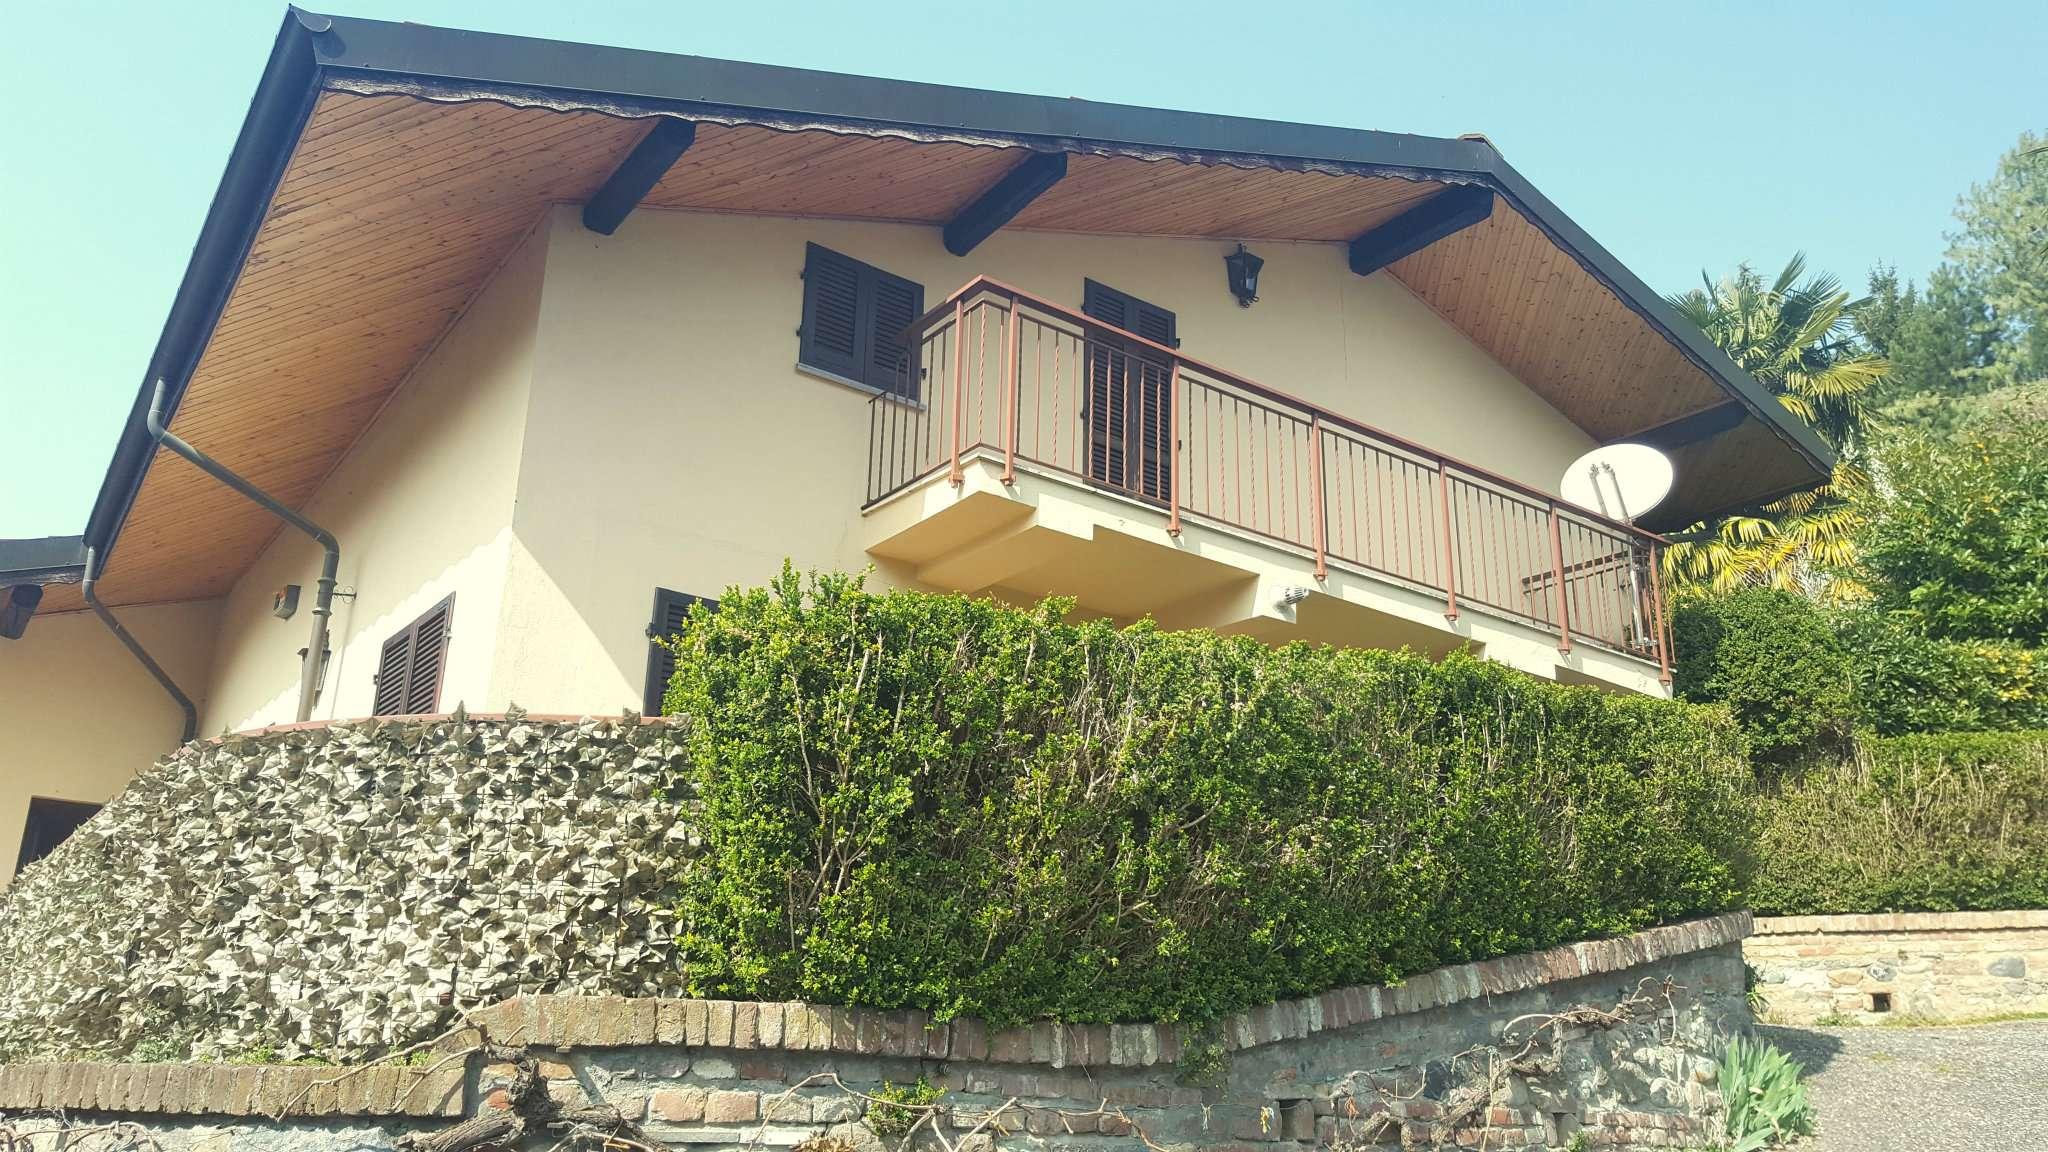 Villa in affitto a Torino, 6 locali, zona Zona: 5 . Collina, Precollina, Crimea, Borgo Po, Granmadre, Madonna del Pilone, prezzo € 1.300   Cambio Casa.it